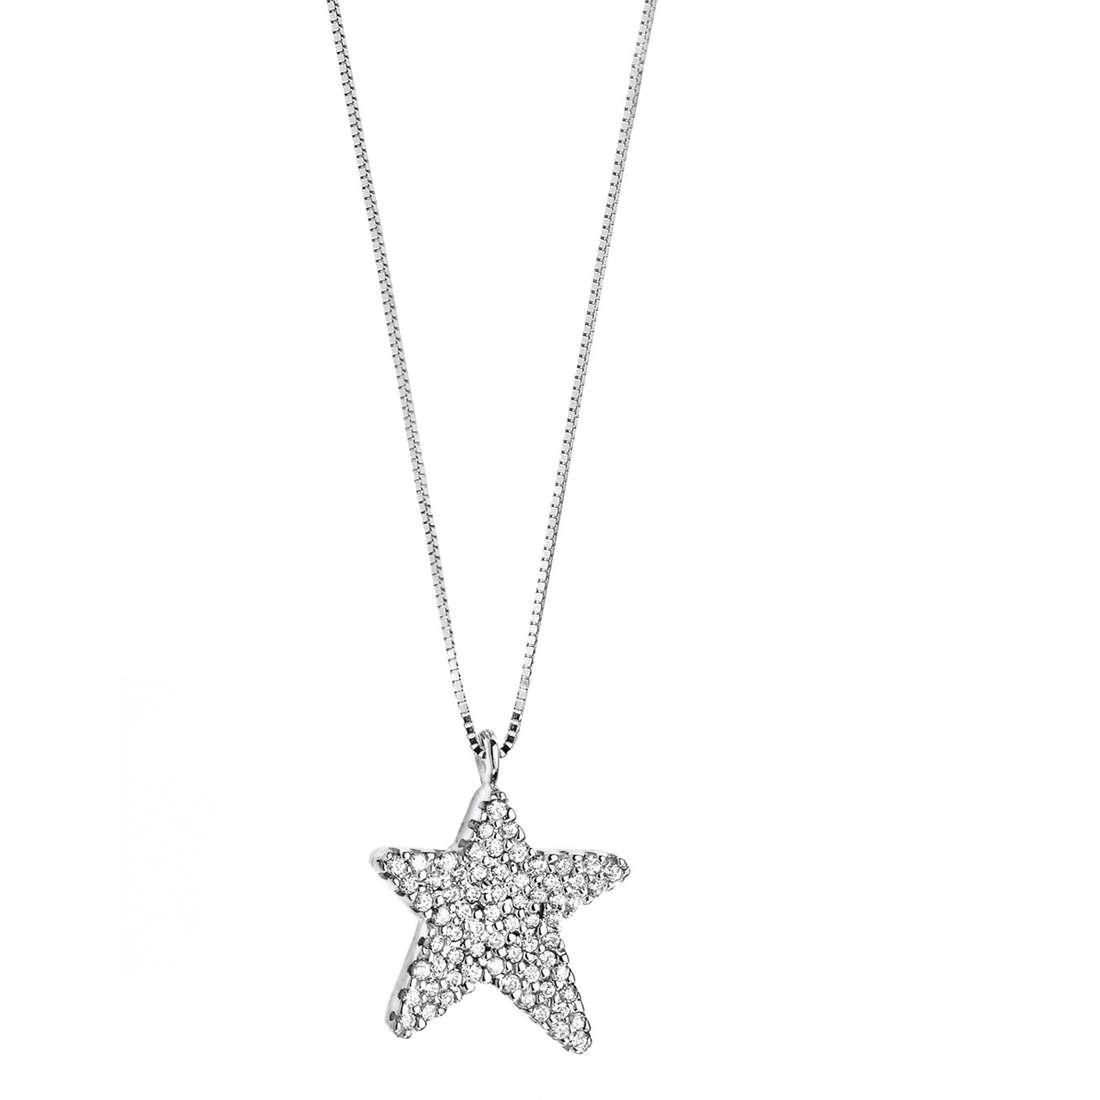 collana donna gioielli Comete Fantasie di diamanti GLB 1146